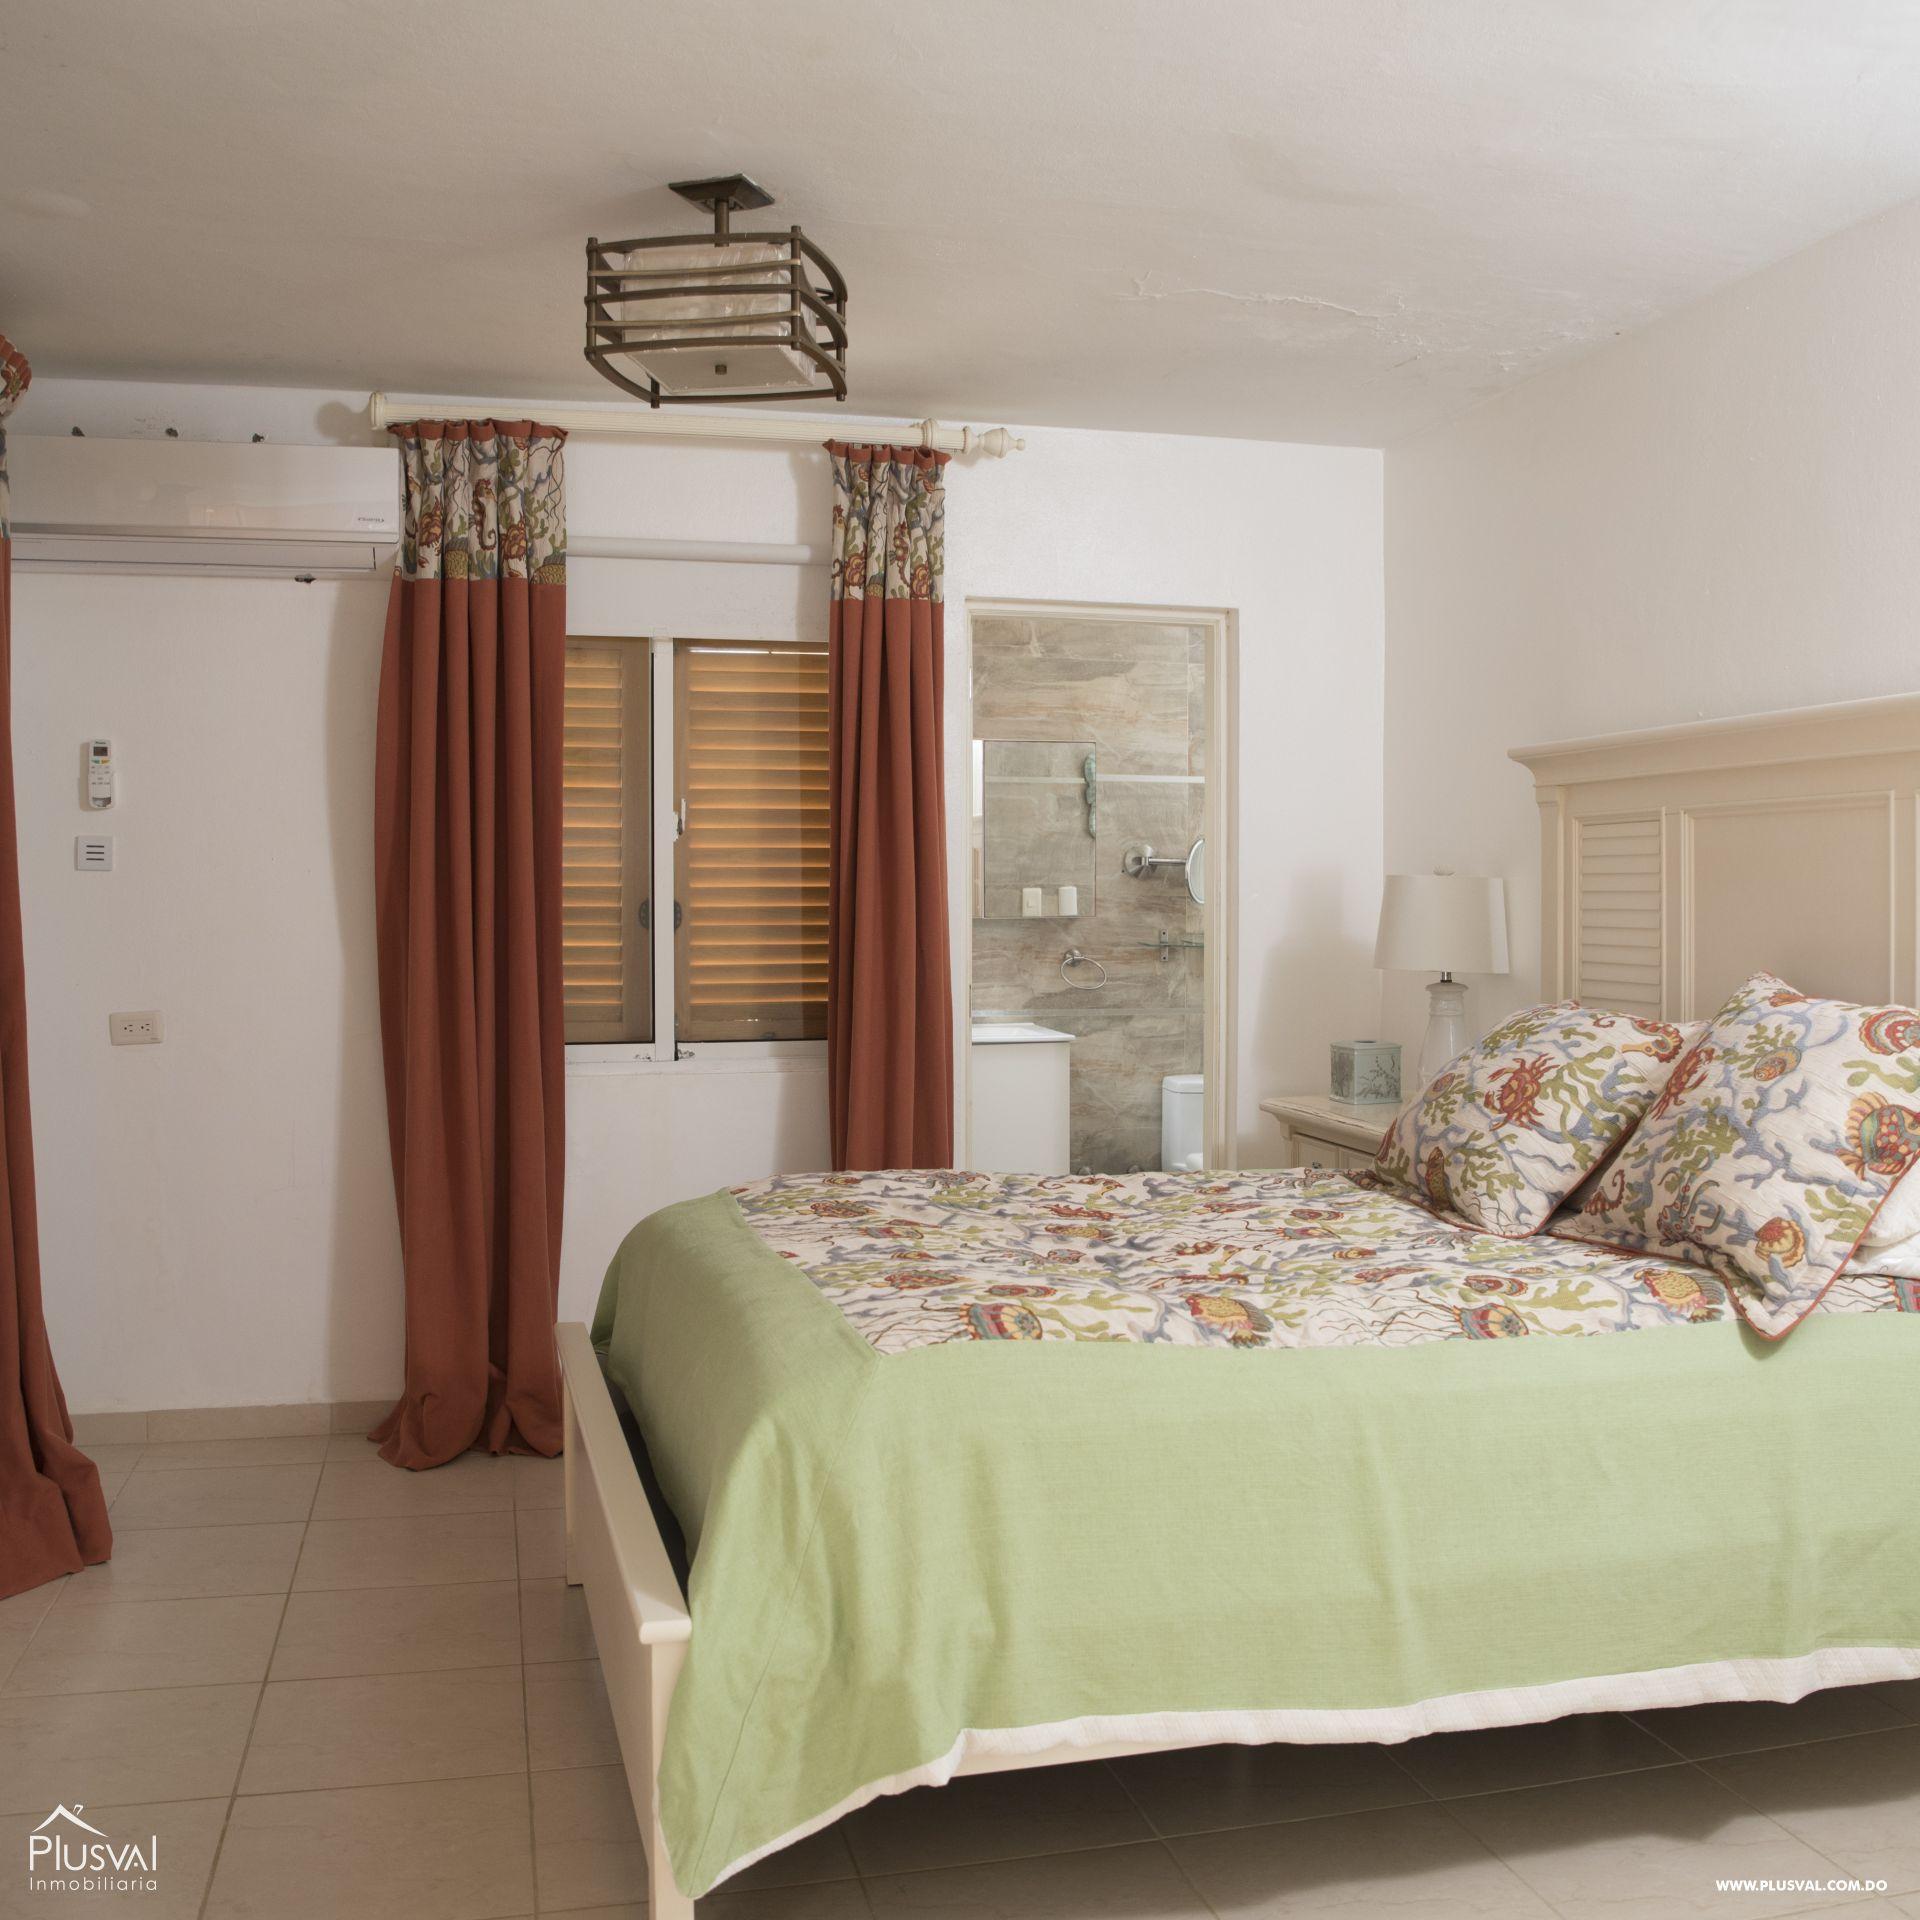 Casa en venta, Cabrera 148022